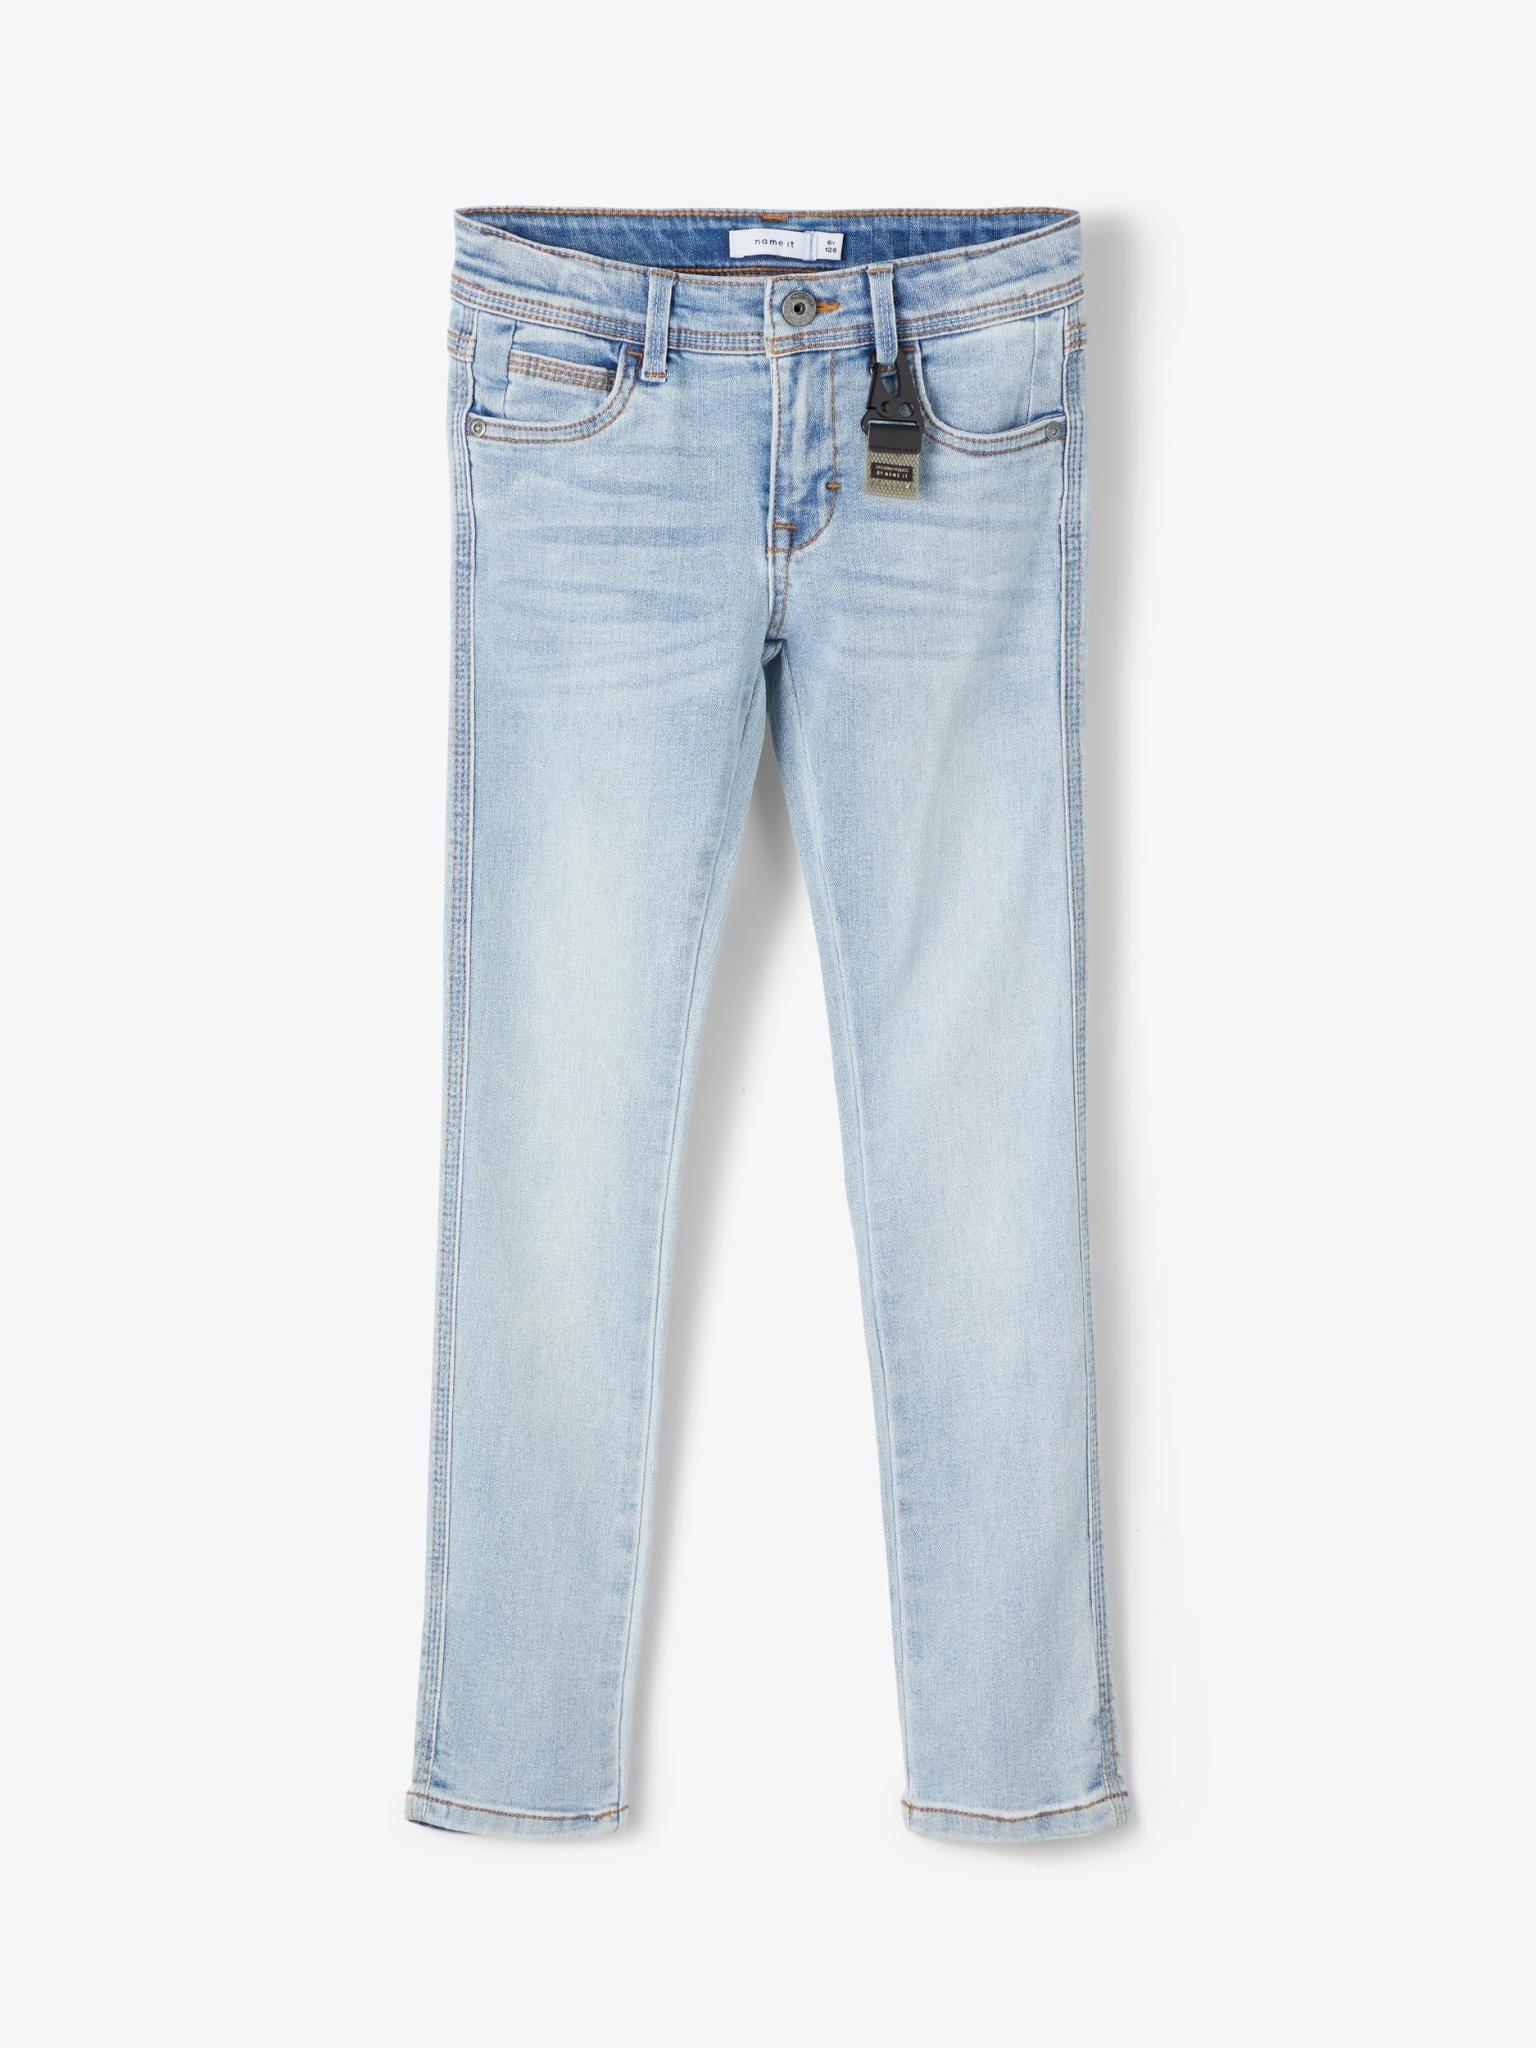 jongens spijkerbroek Pete teces light blue denim